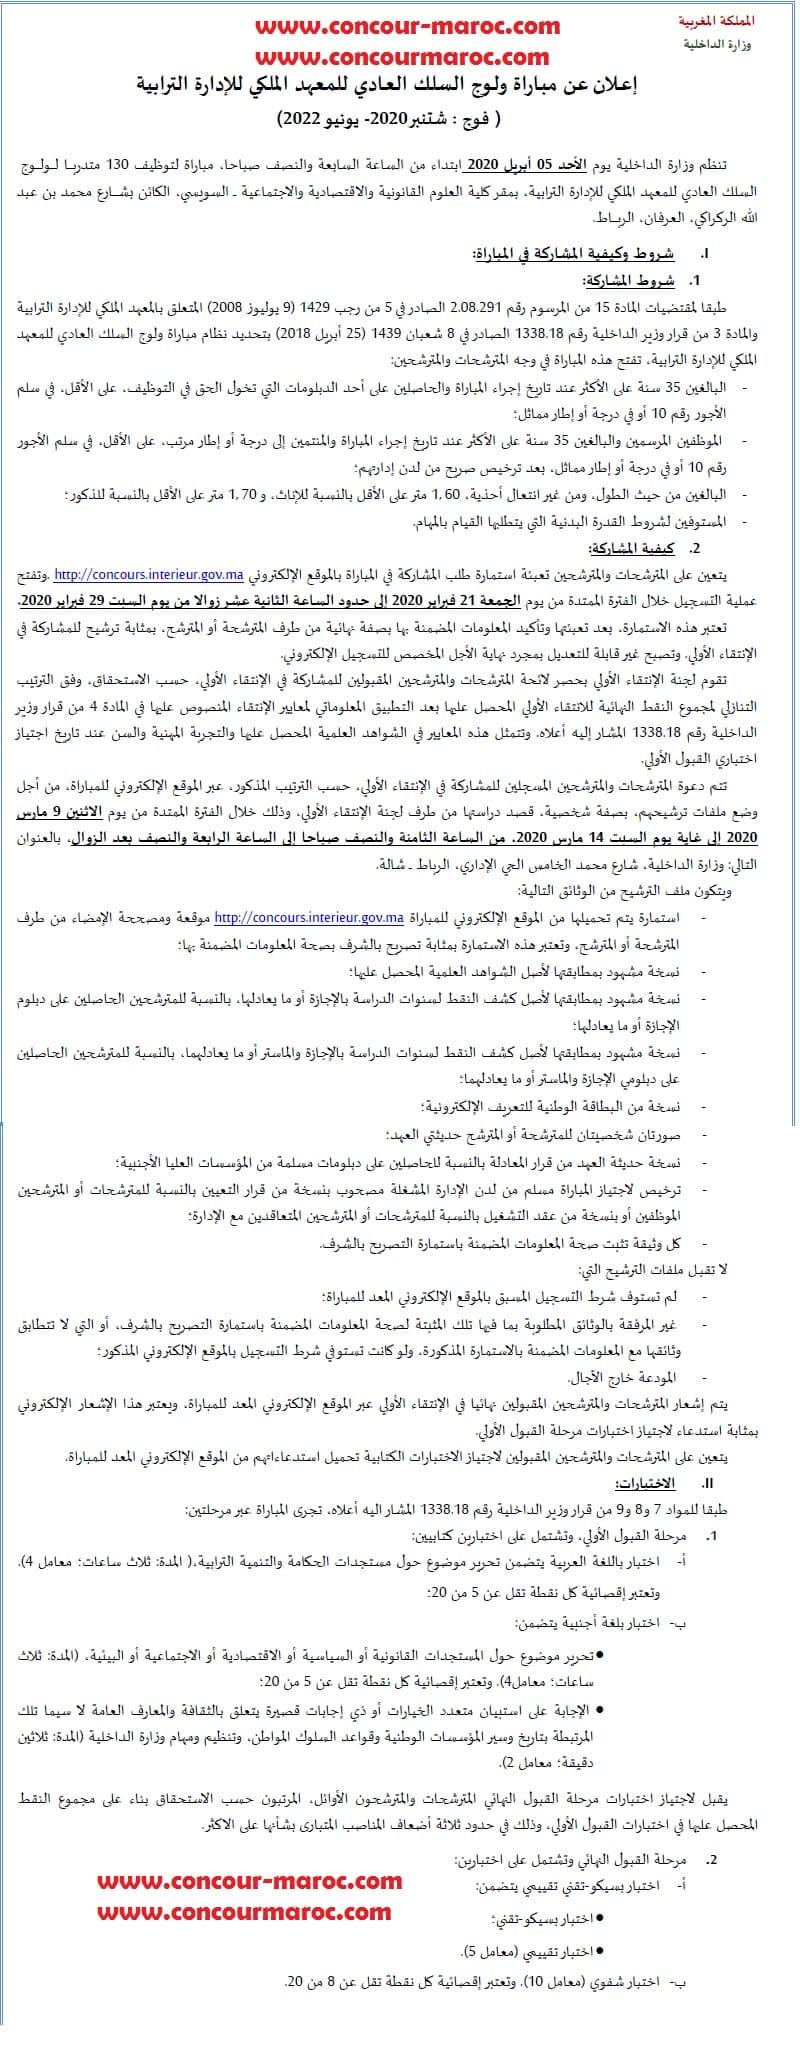 المعهد الملكي للإدارة الترابية : مباراة توظيف 130 قائد متدرب الدورة العادية الترشيح من 21 إلى 29 فبراير 2020 Aac_aa13